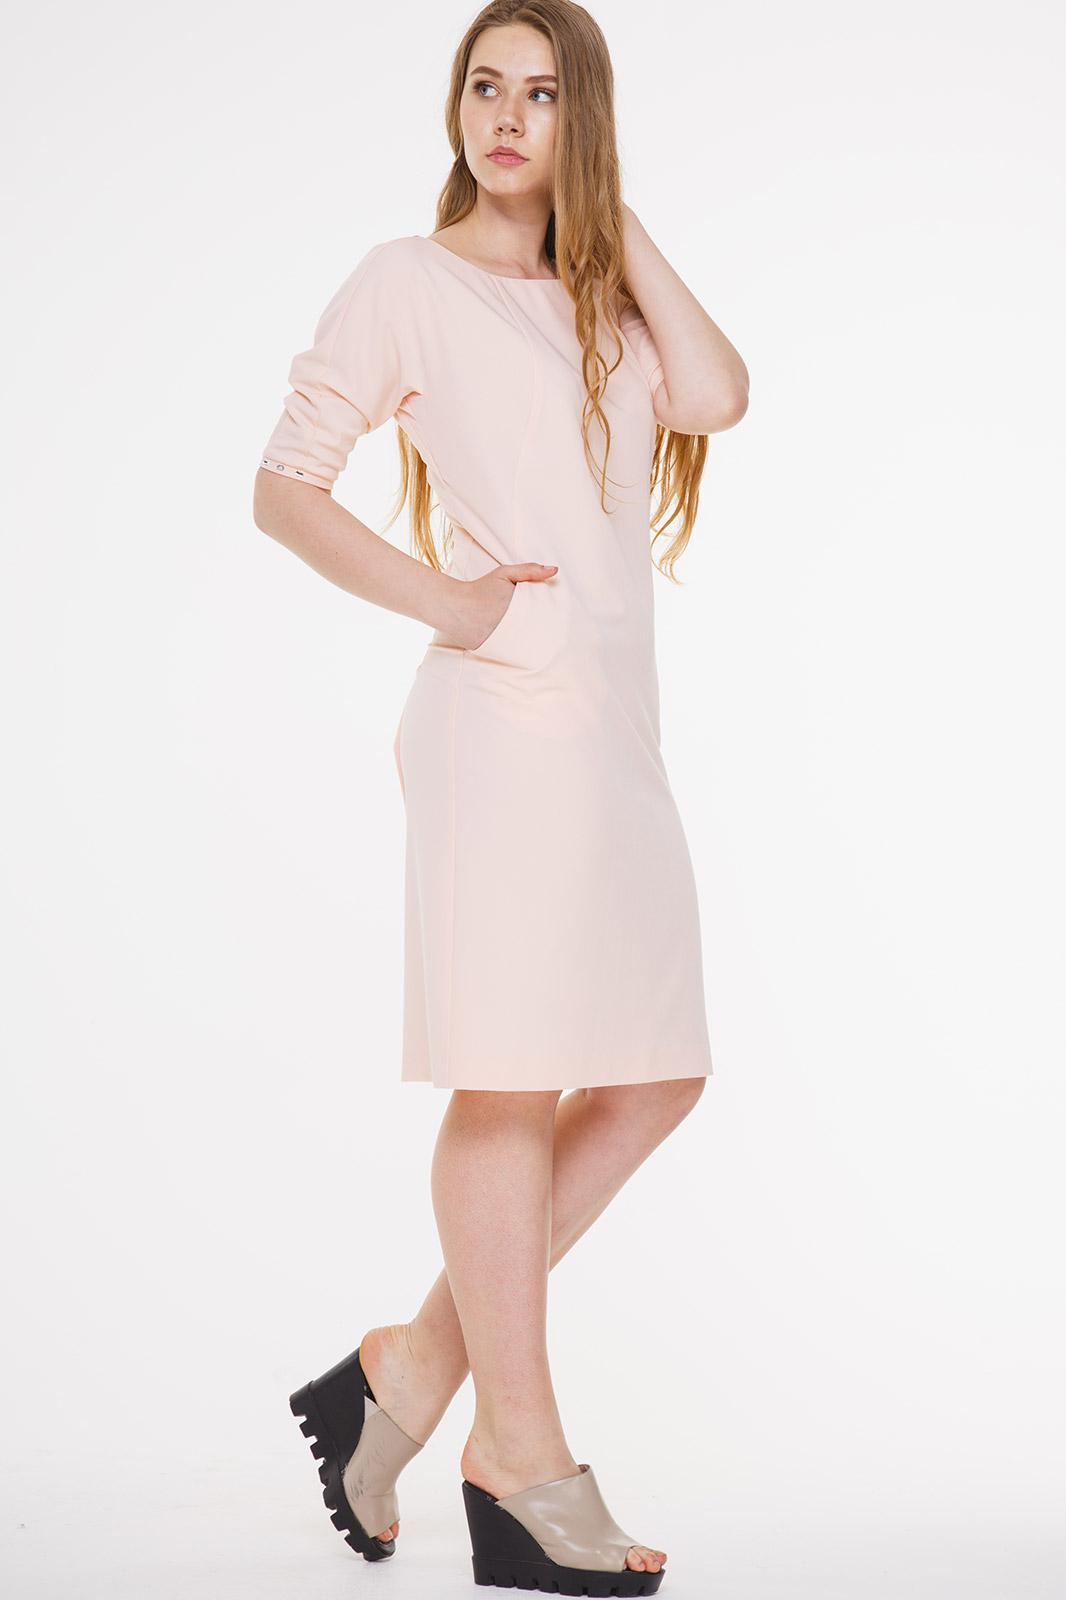 Купить Платье Беларусь В Интернет Магазине